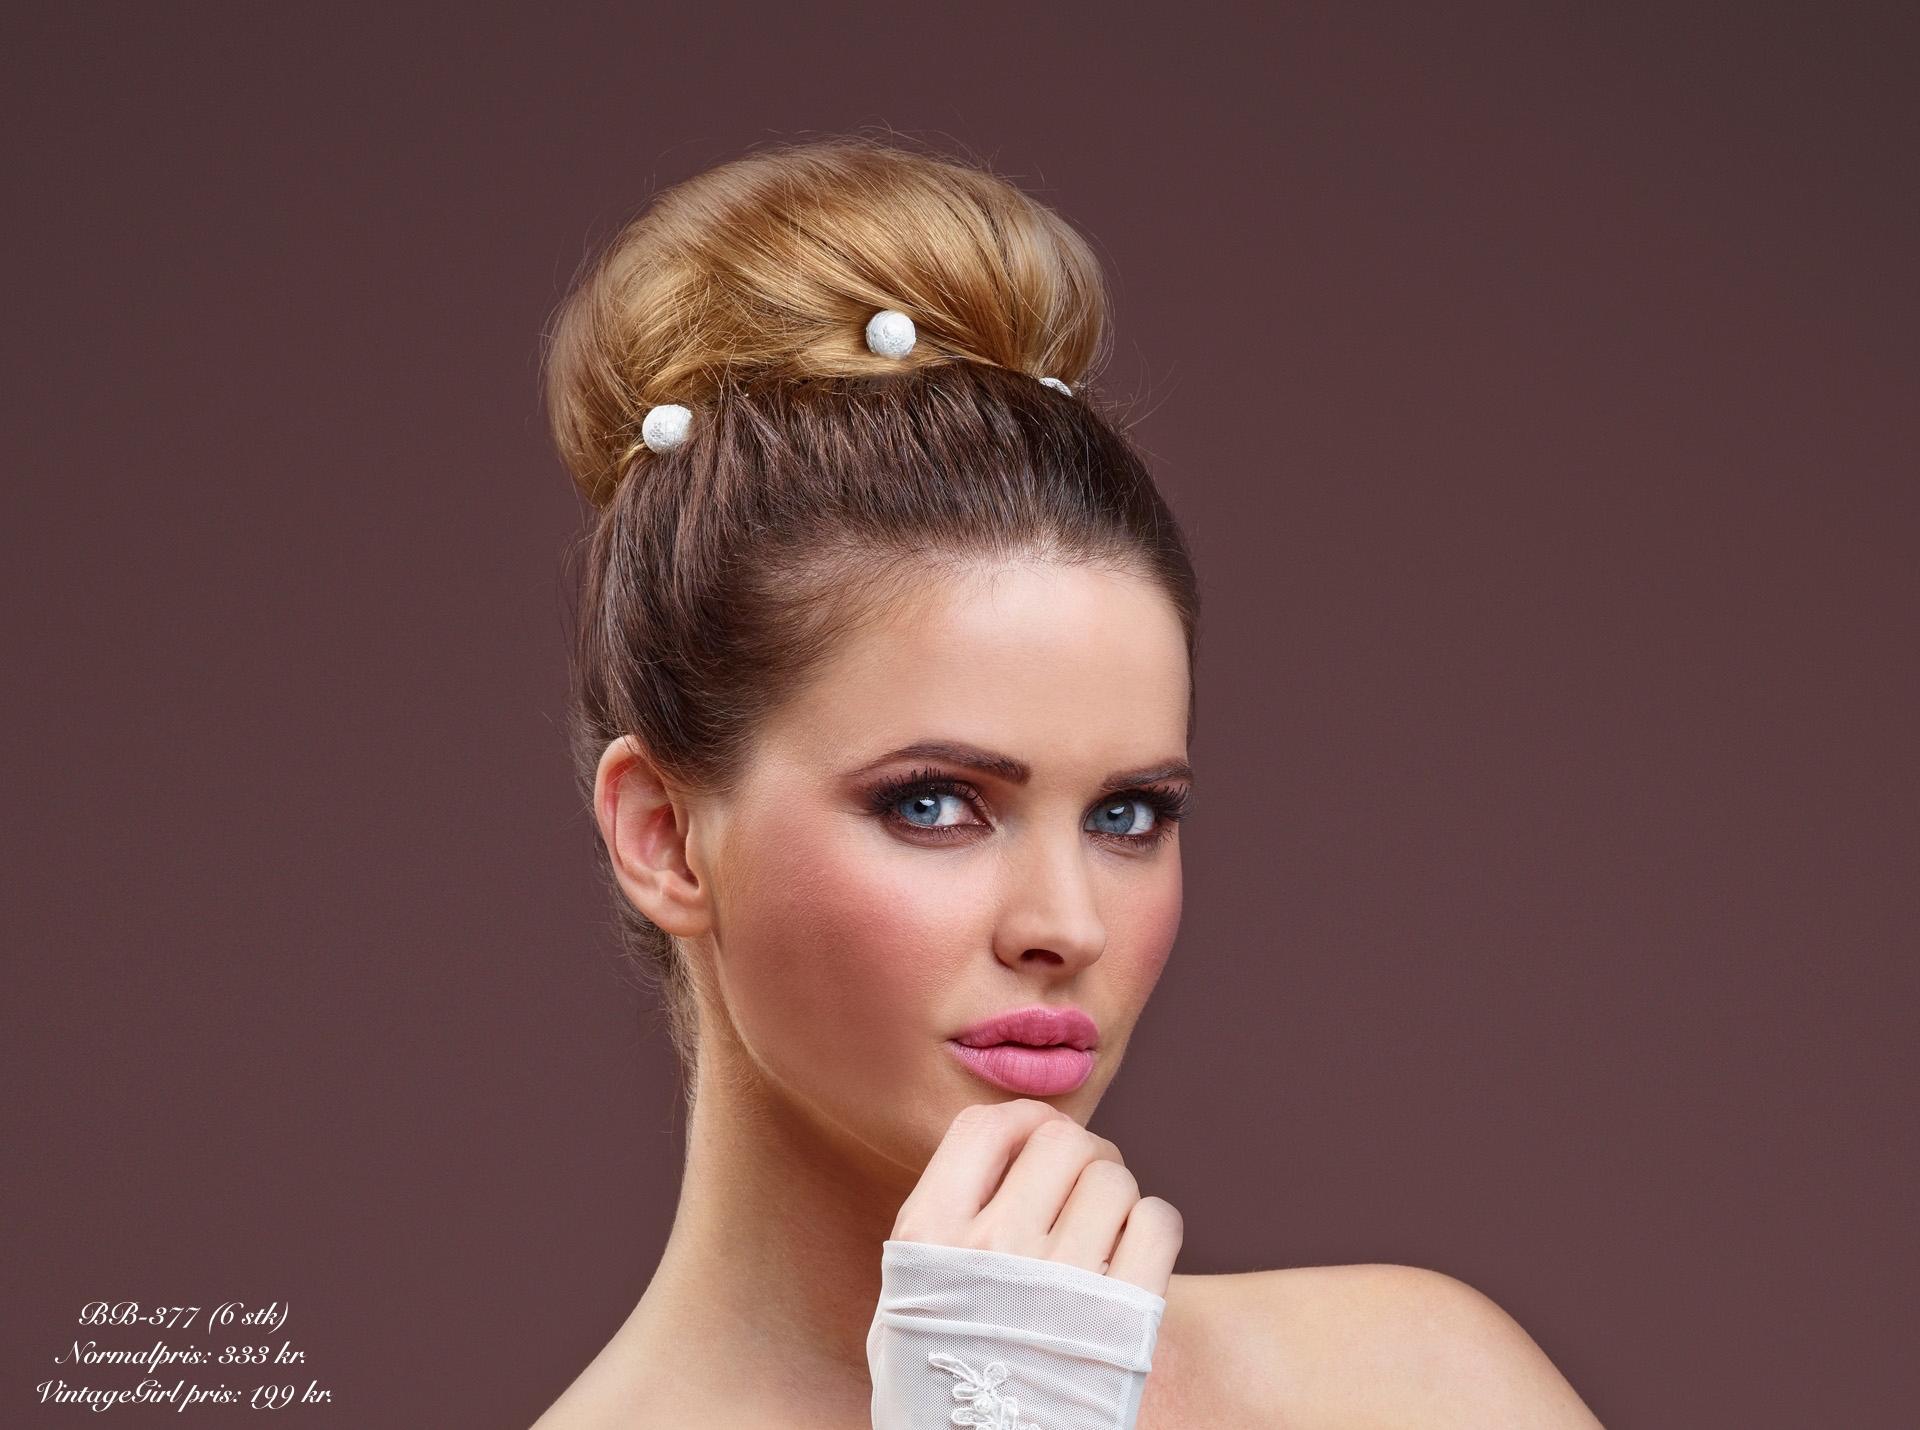 6 hårnåle med perler overtrukket med blonde. Normalpris: 333 kr. VintageGirl pris: 199 kr.